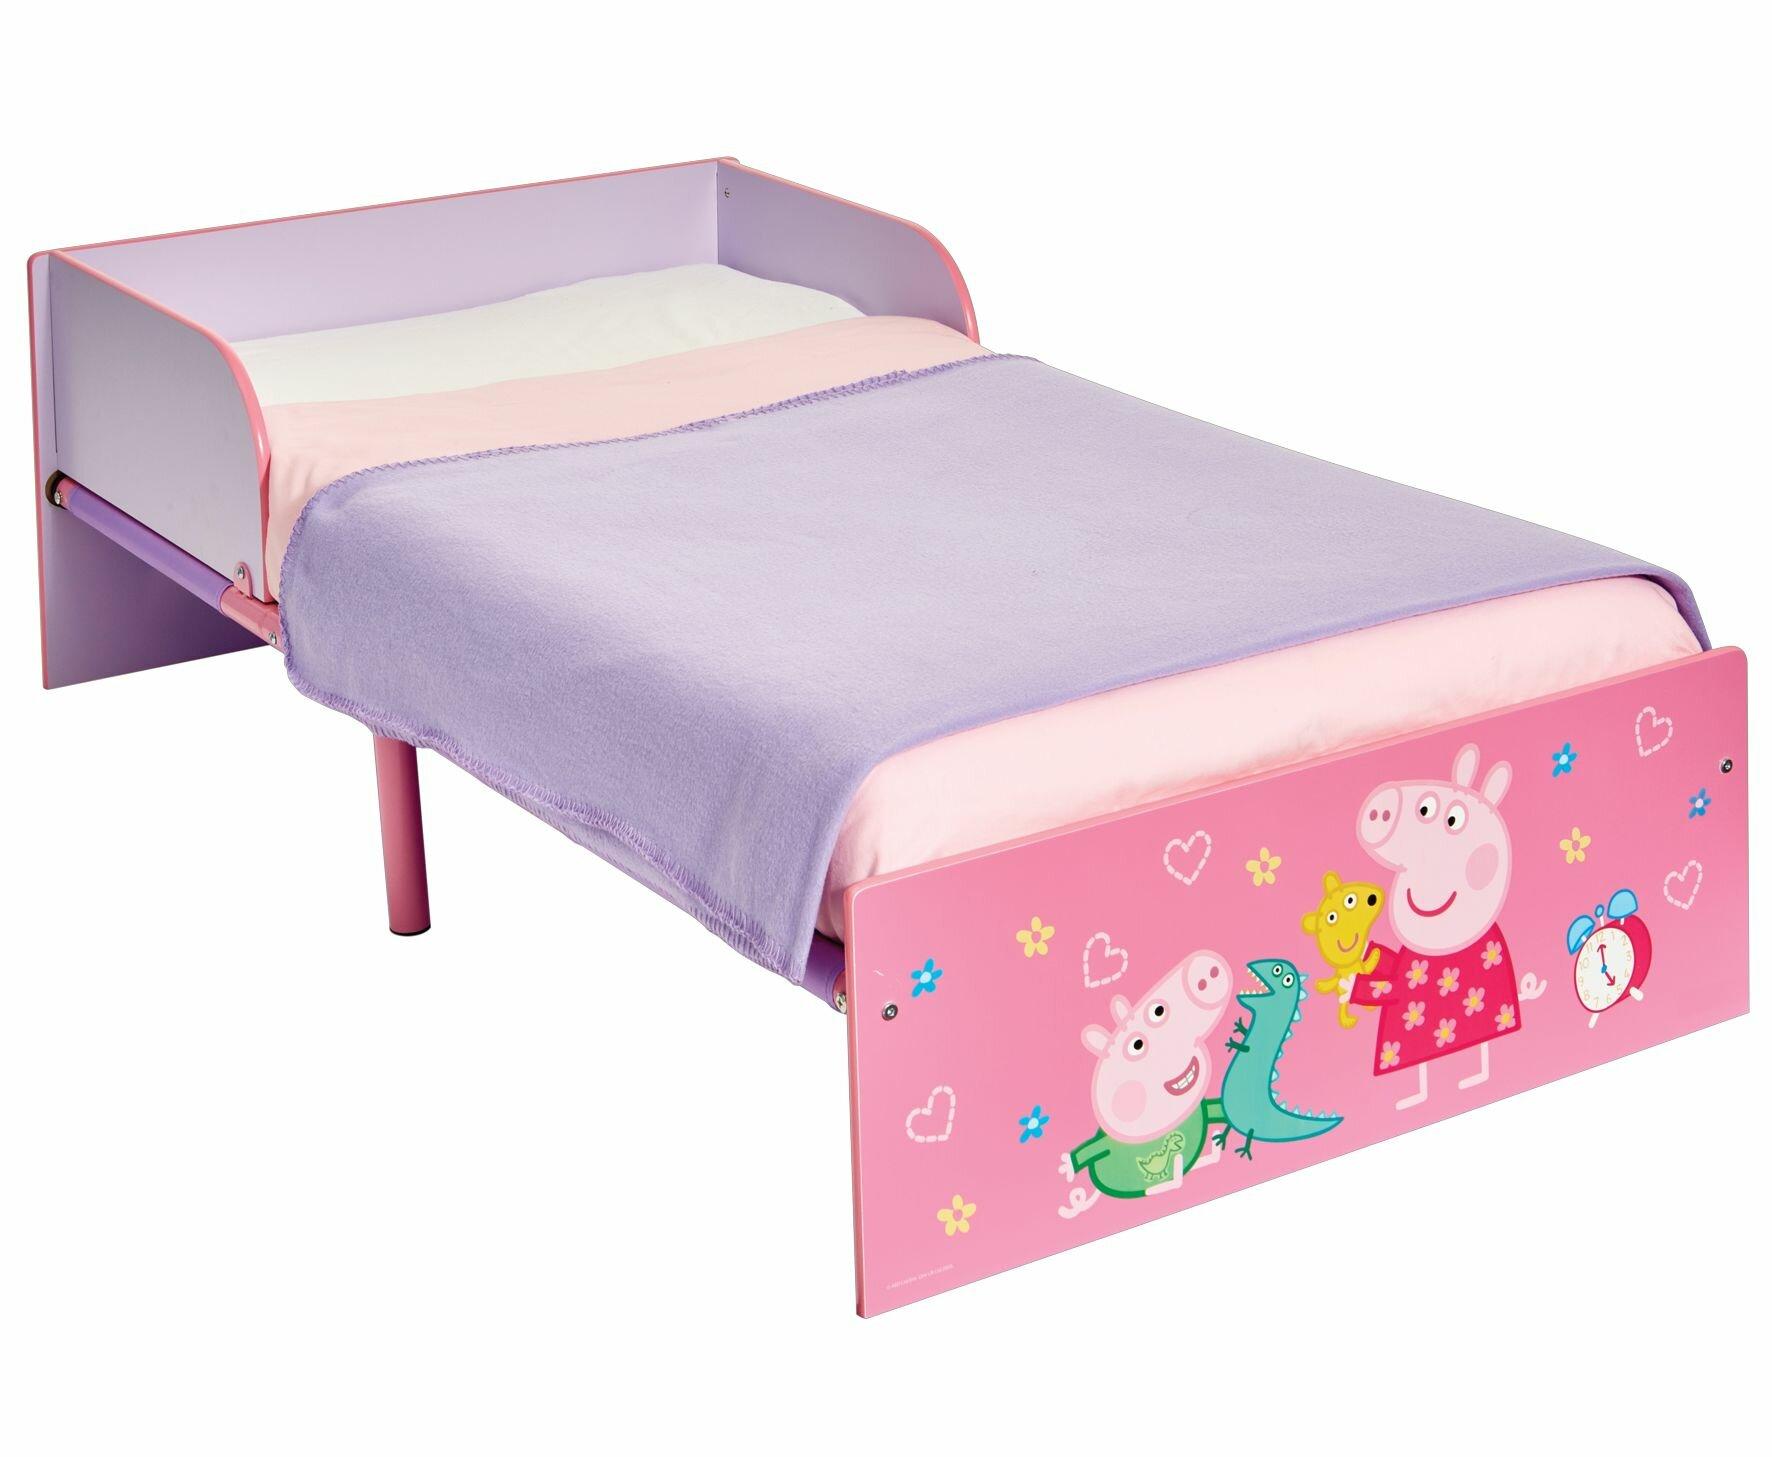 designer fashion 6d7c0 becd8 Peppa Pig Kids Toddler Bed